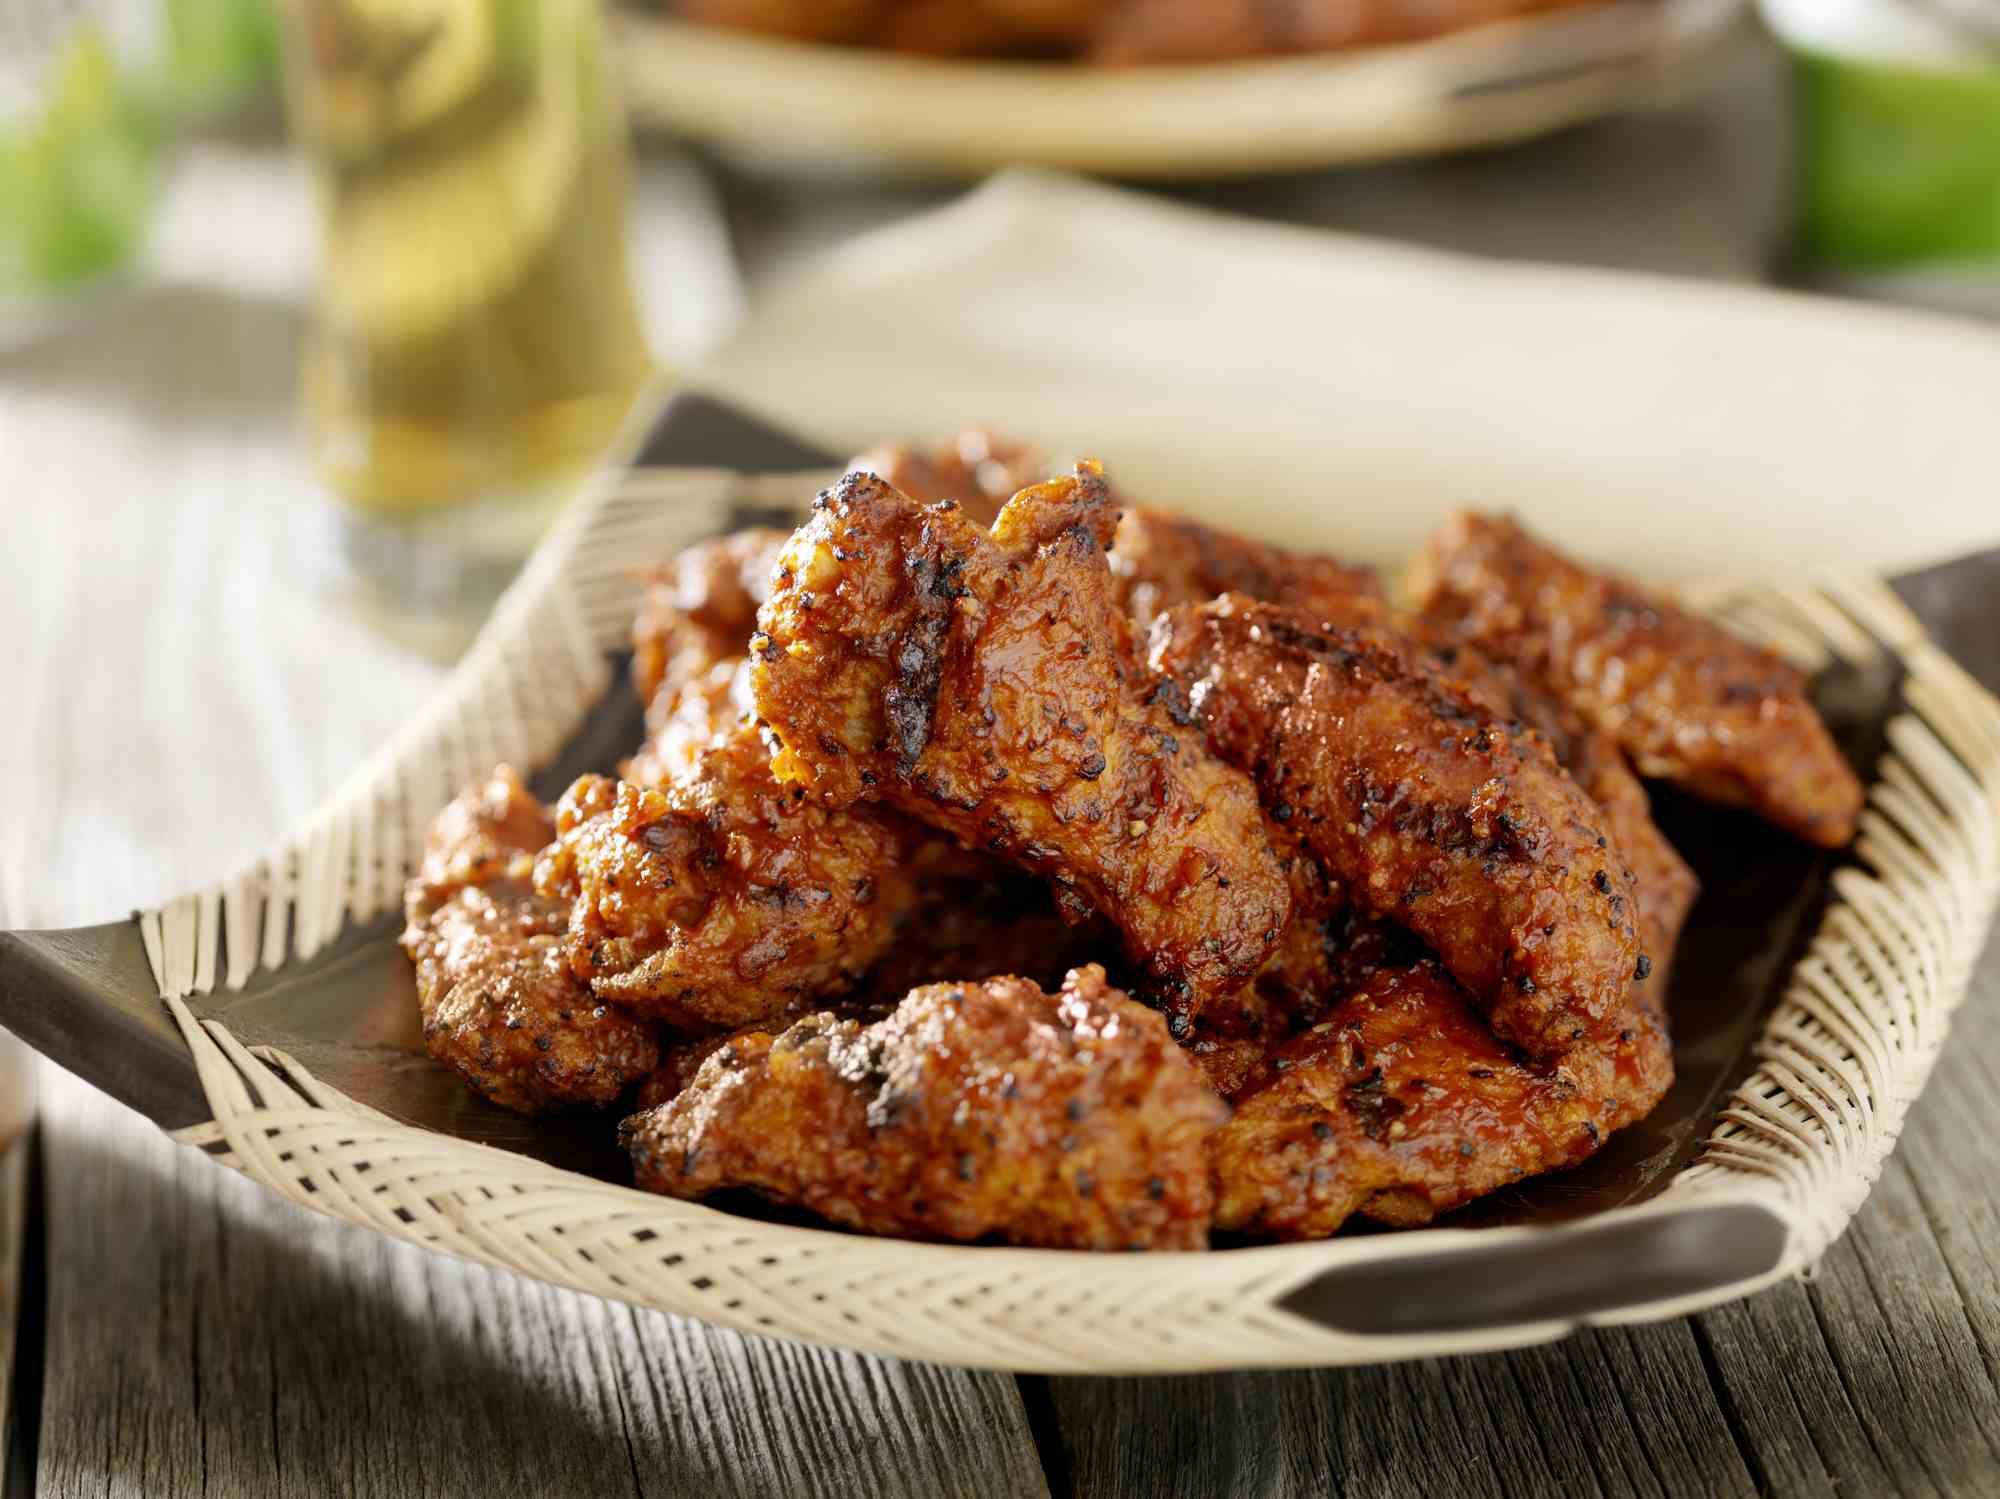 Cornell barbecue chicken sauce